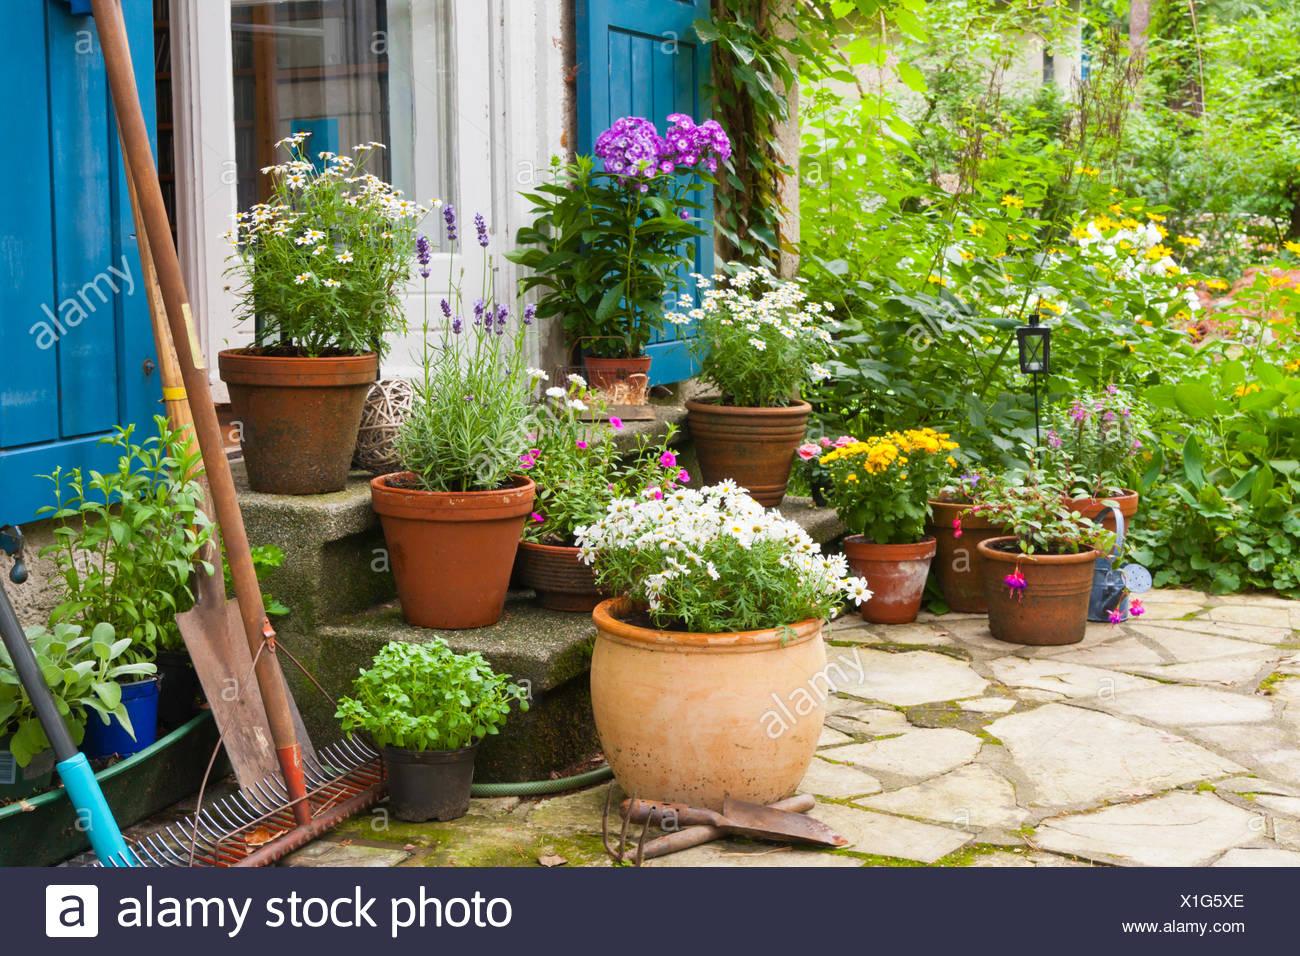 Terrasse Mit Blumen Und Blumentopf, Patio With Flowers And Flower Pots    Stock Image